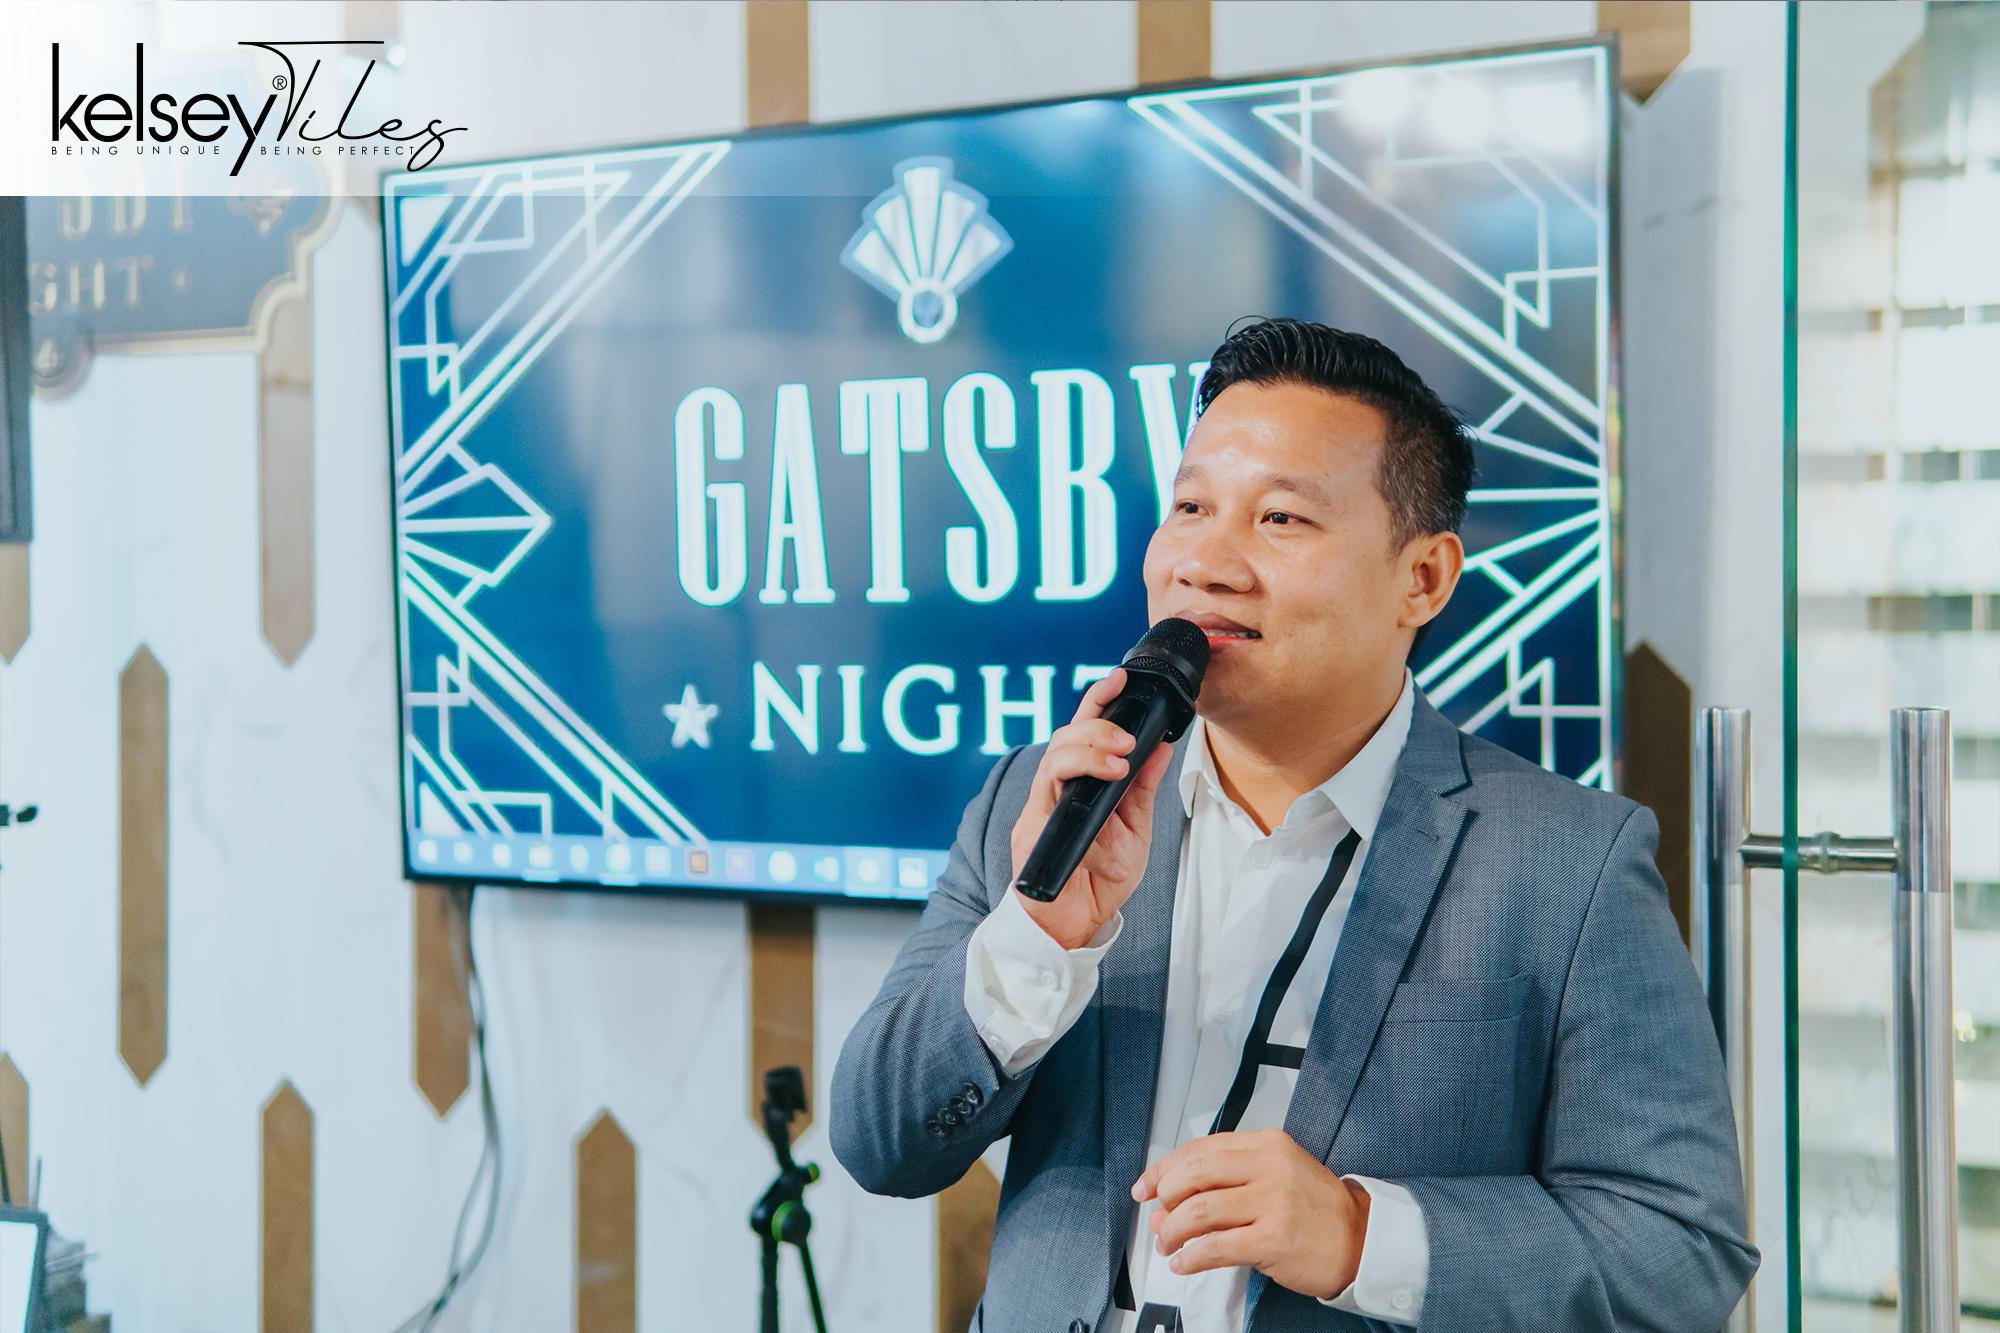 GATSBY NIGHT - ĐÊM TIỆC THƯỢNG LƯU